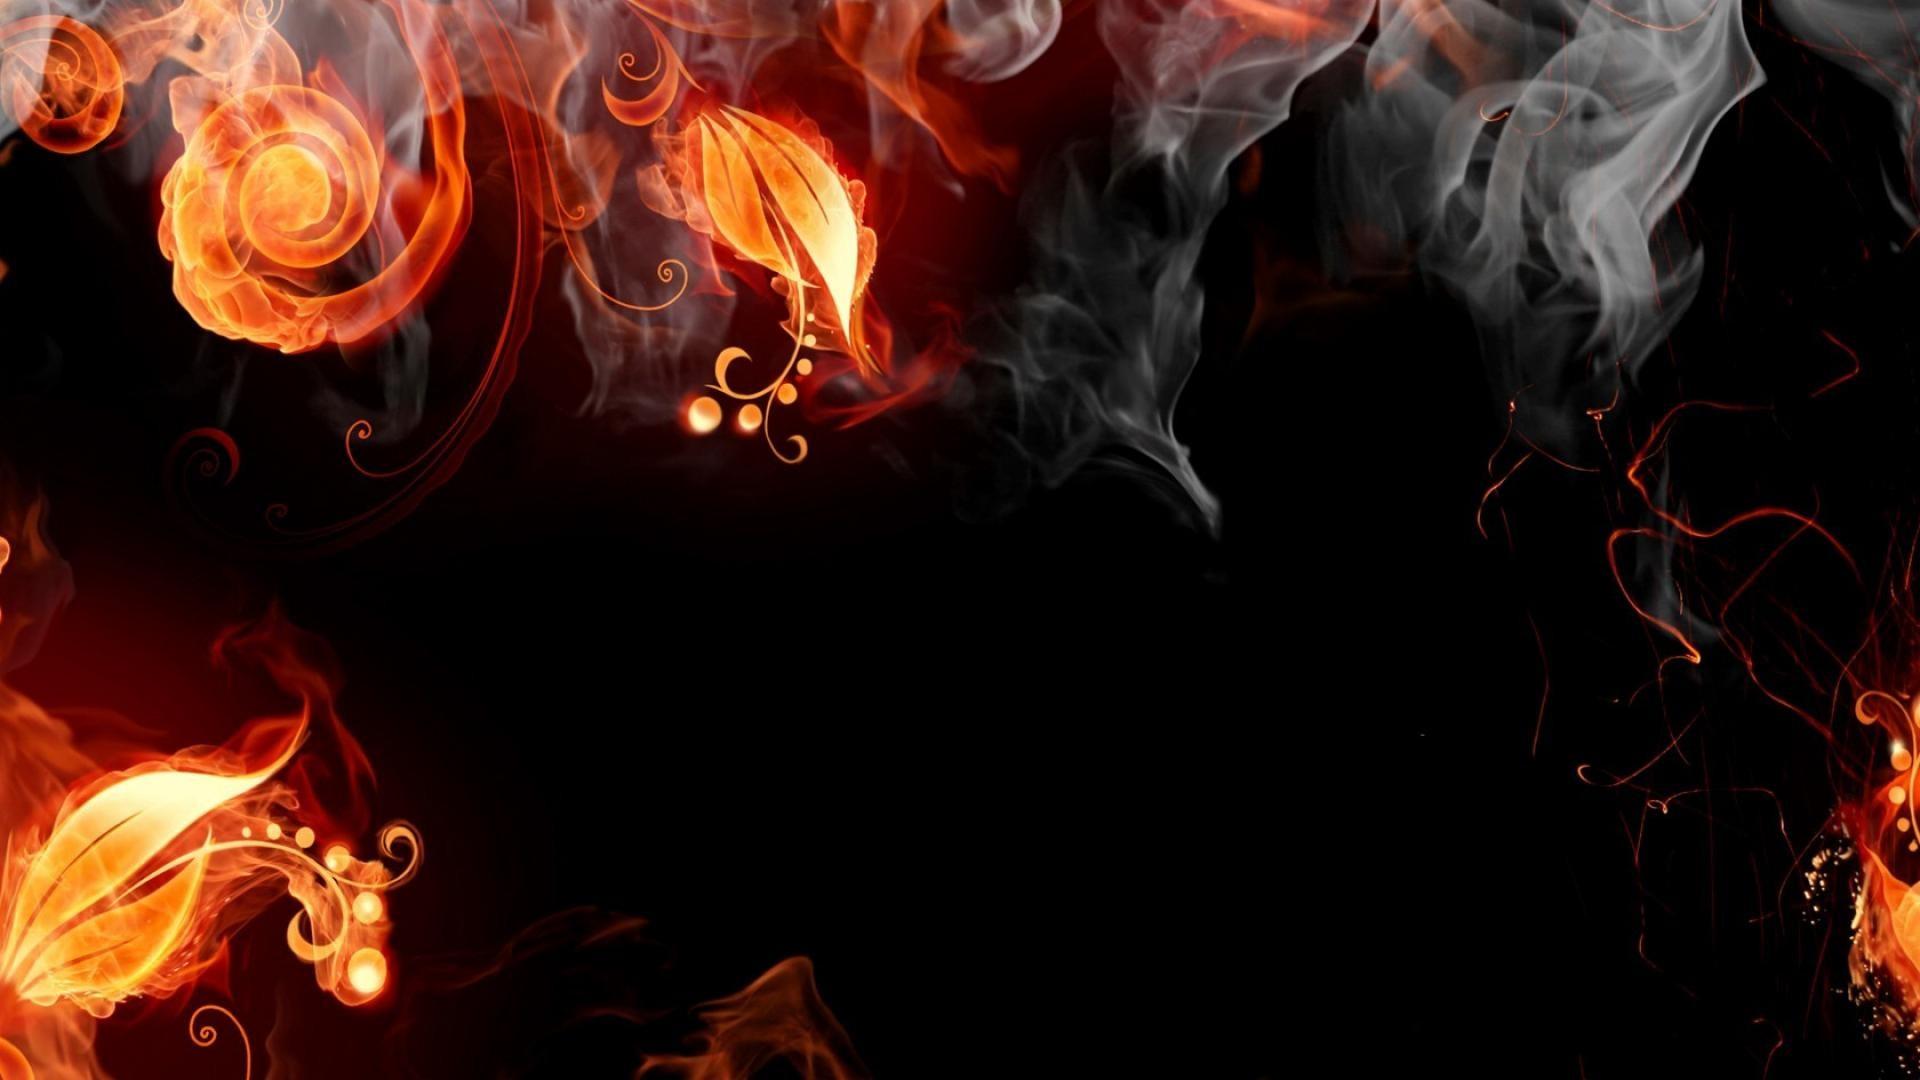 Abstract fire artwork wallpaper | (565)